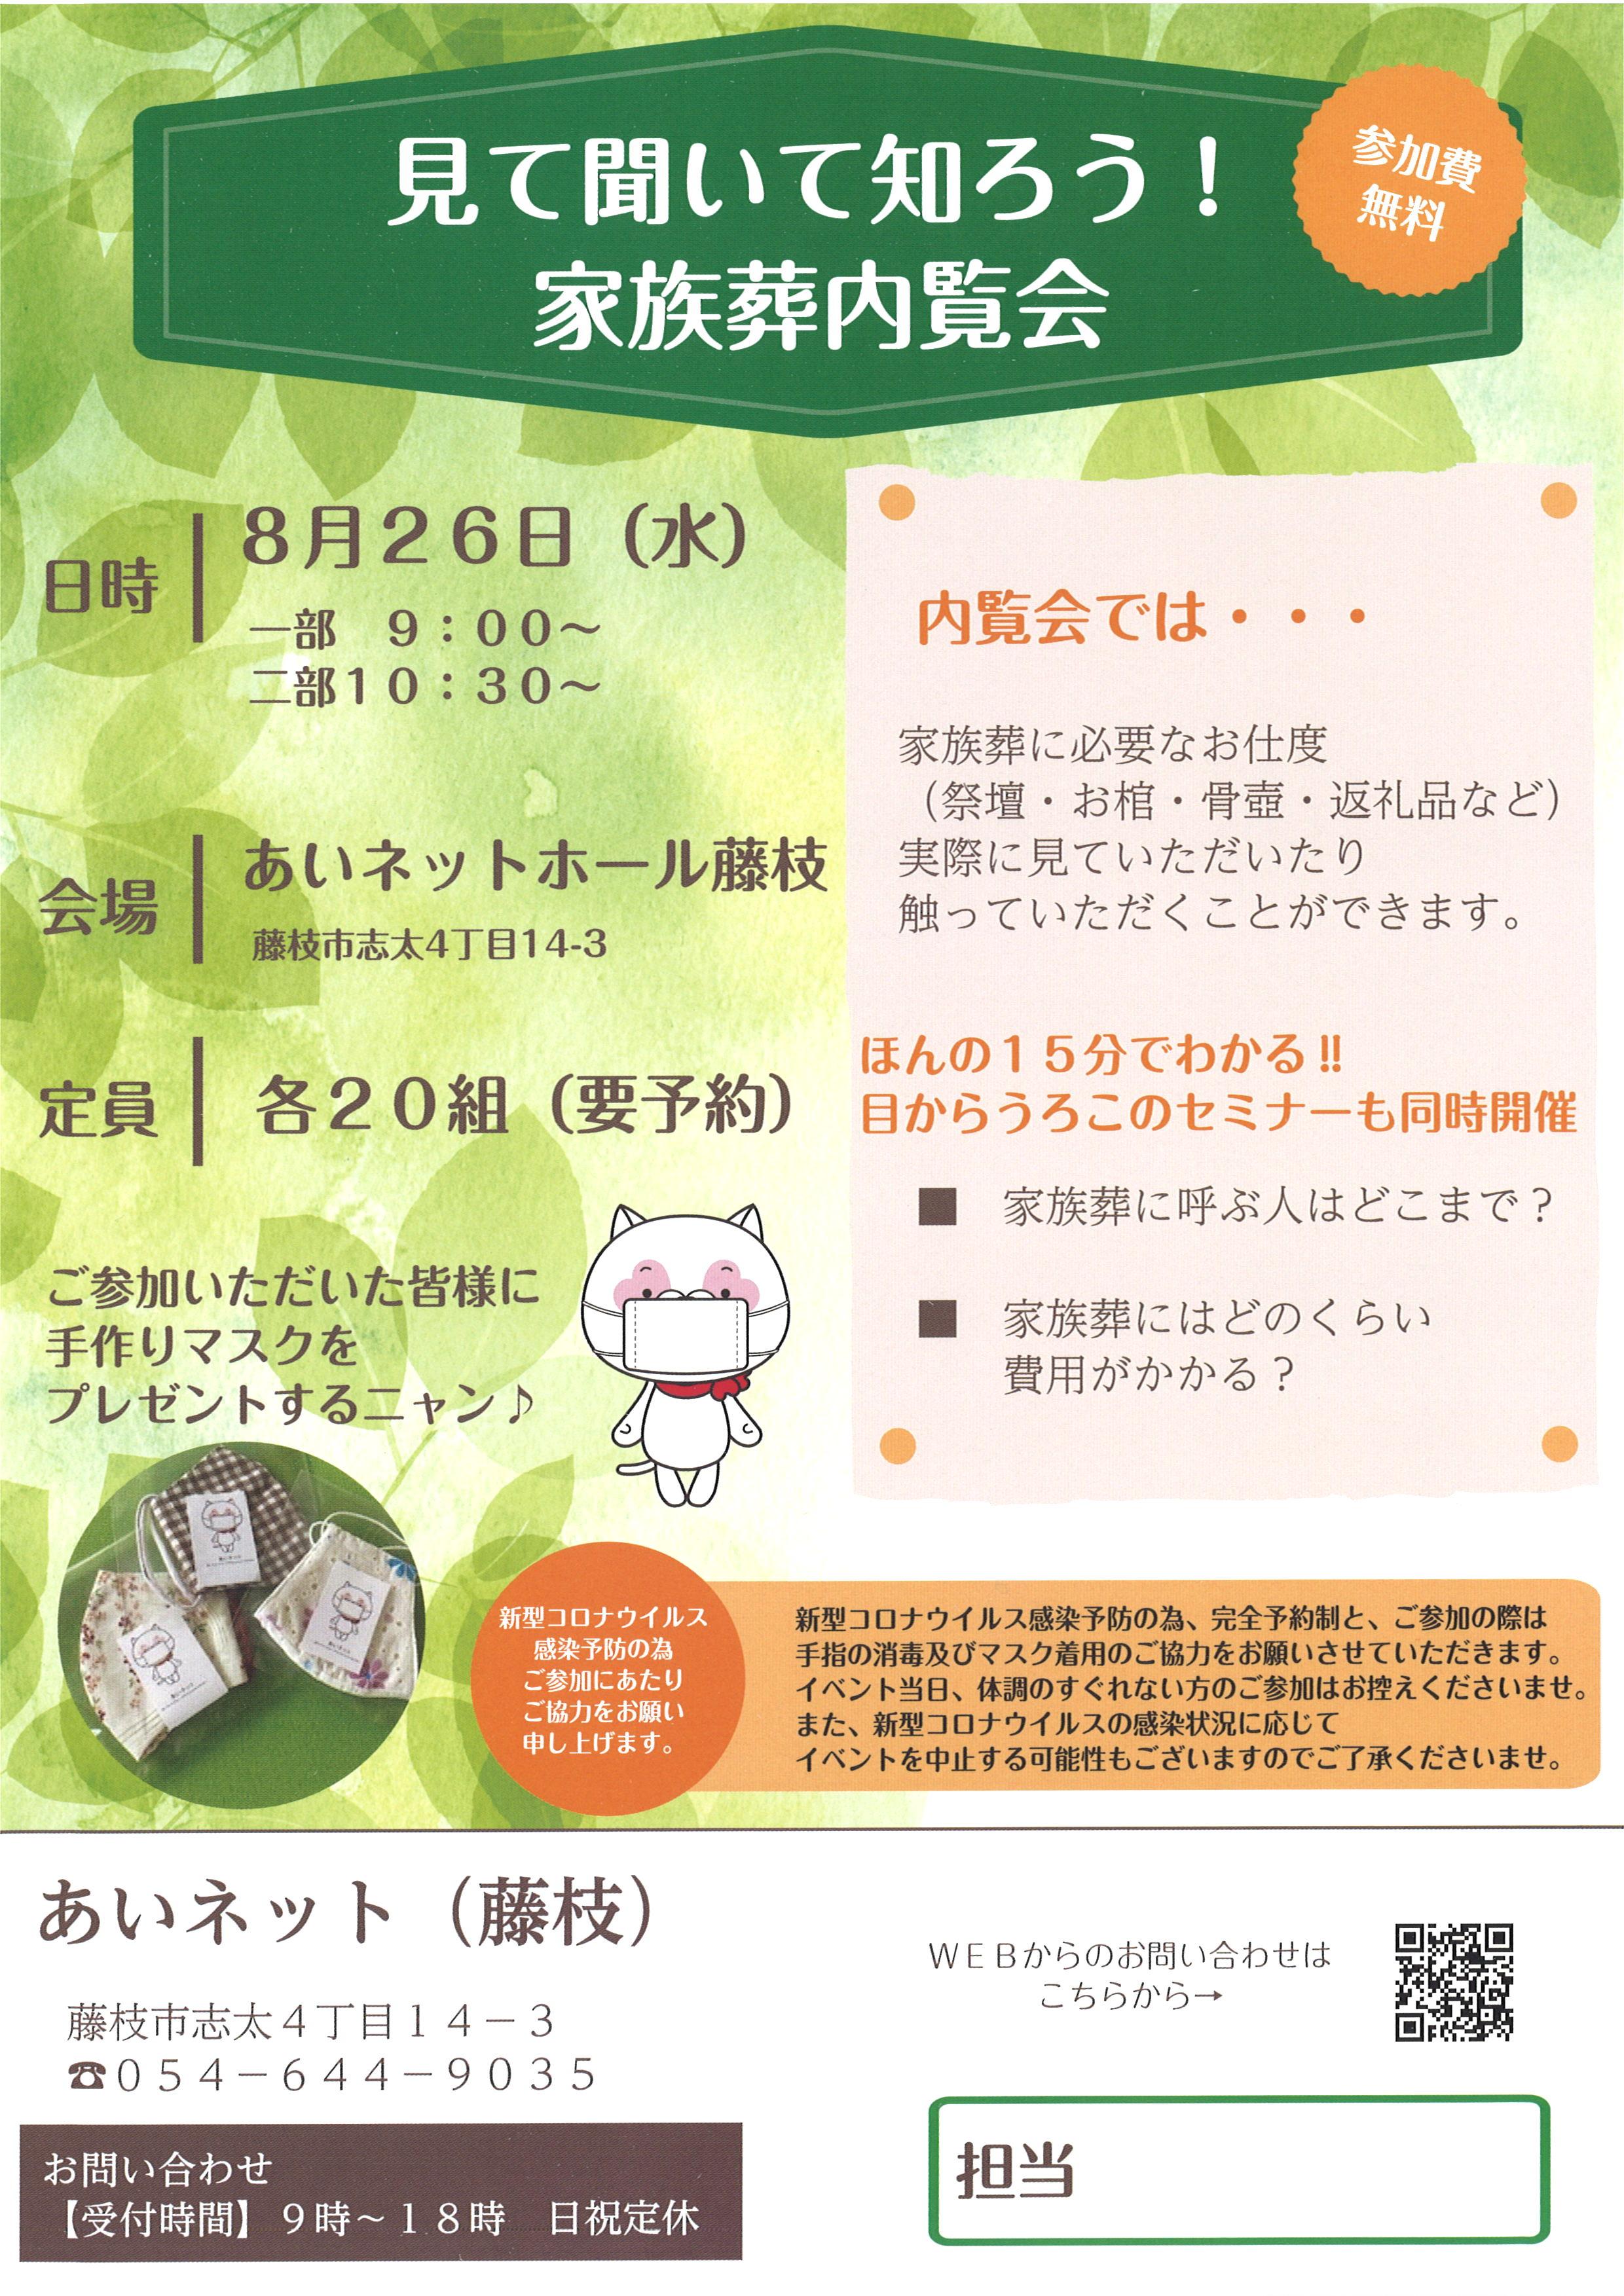 8月開催セミナー あいネットホール藤枝